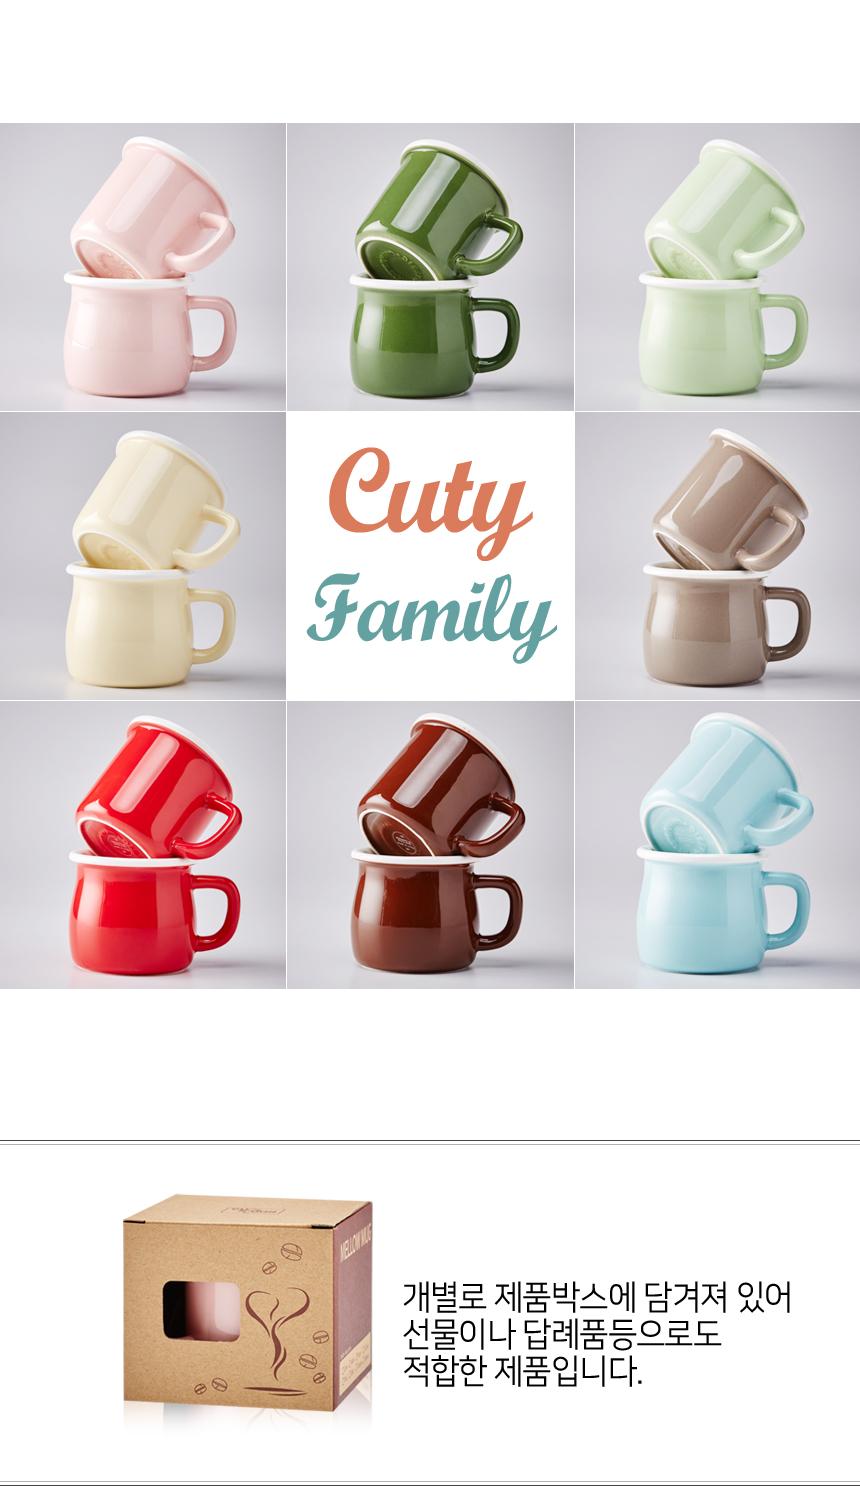 큐티 패밀리 도자기 머그컵 (슈크림or멜로우) - 김씨하우스, 9,500원, 머그컵, 심플머그